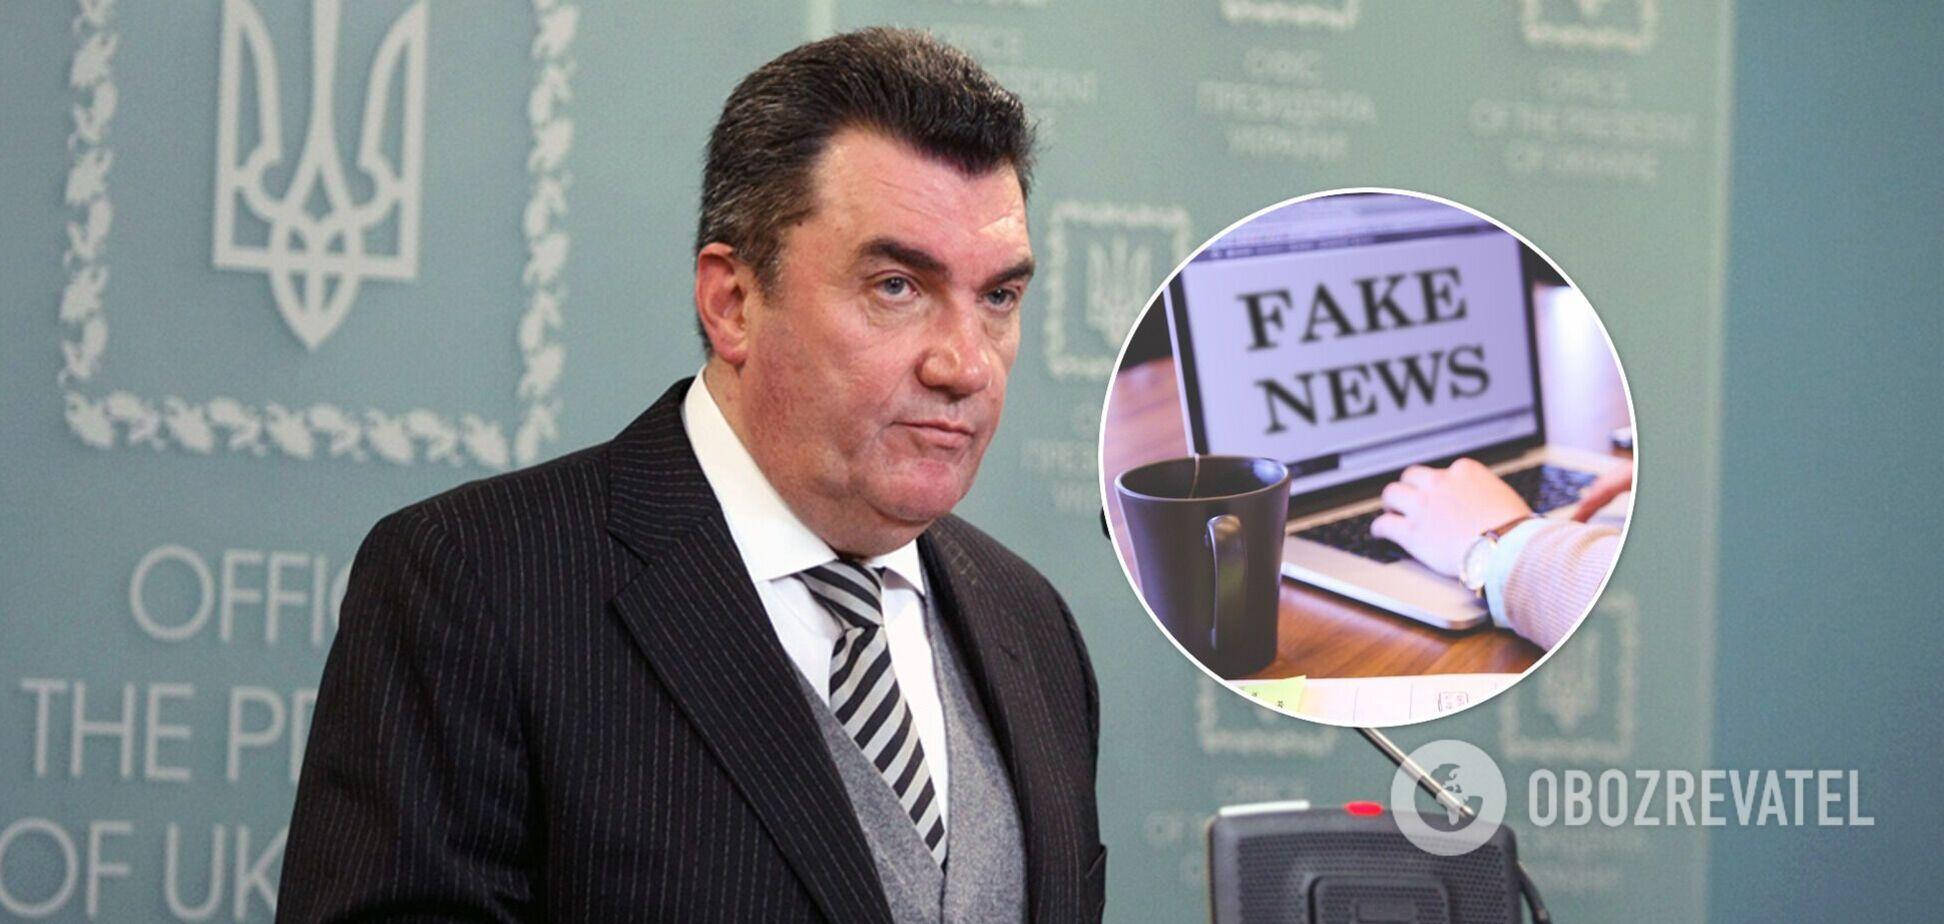 Данилов – о фейках РФ: агрессор использует 'черную' пропаганду и ложь